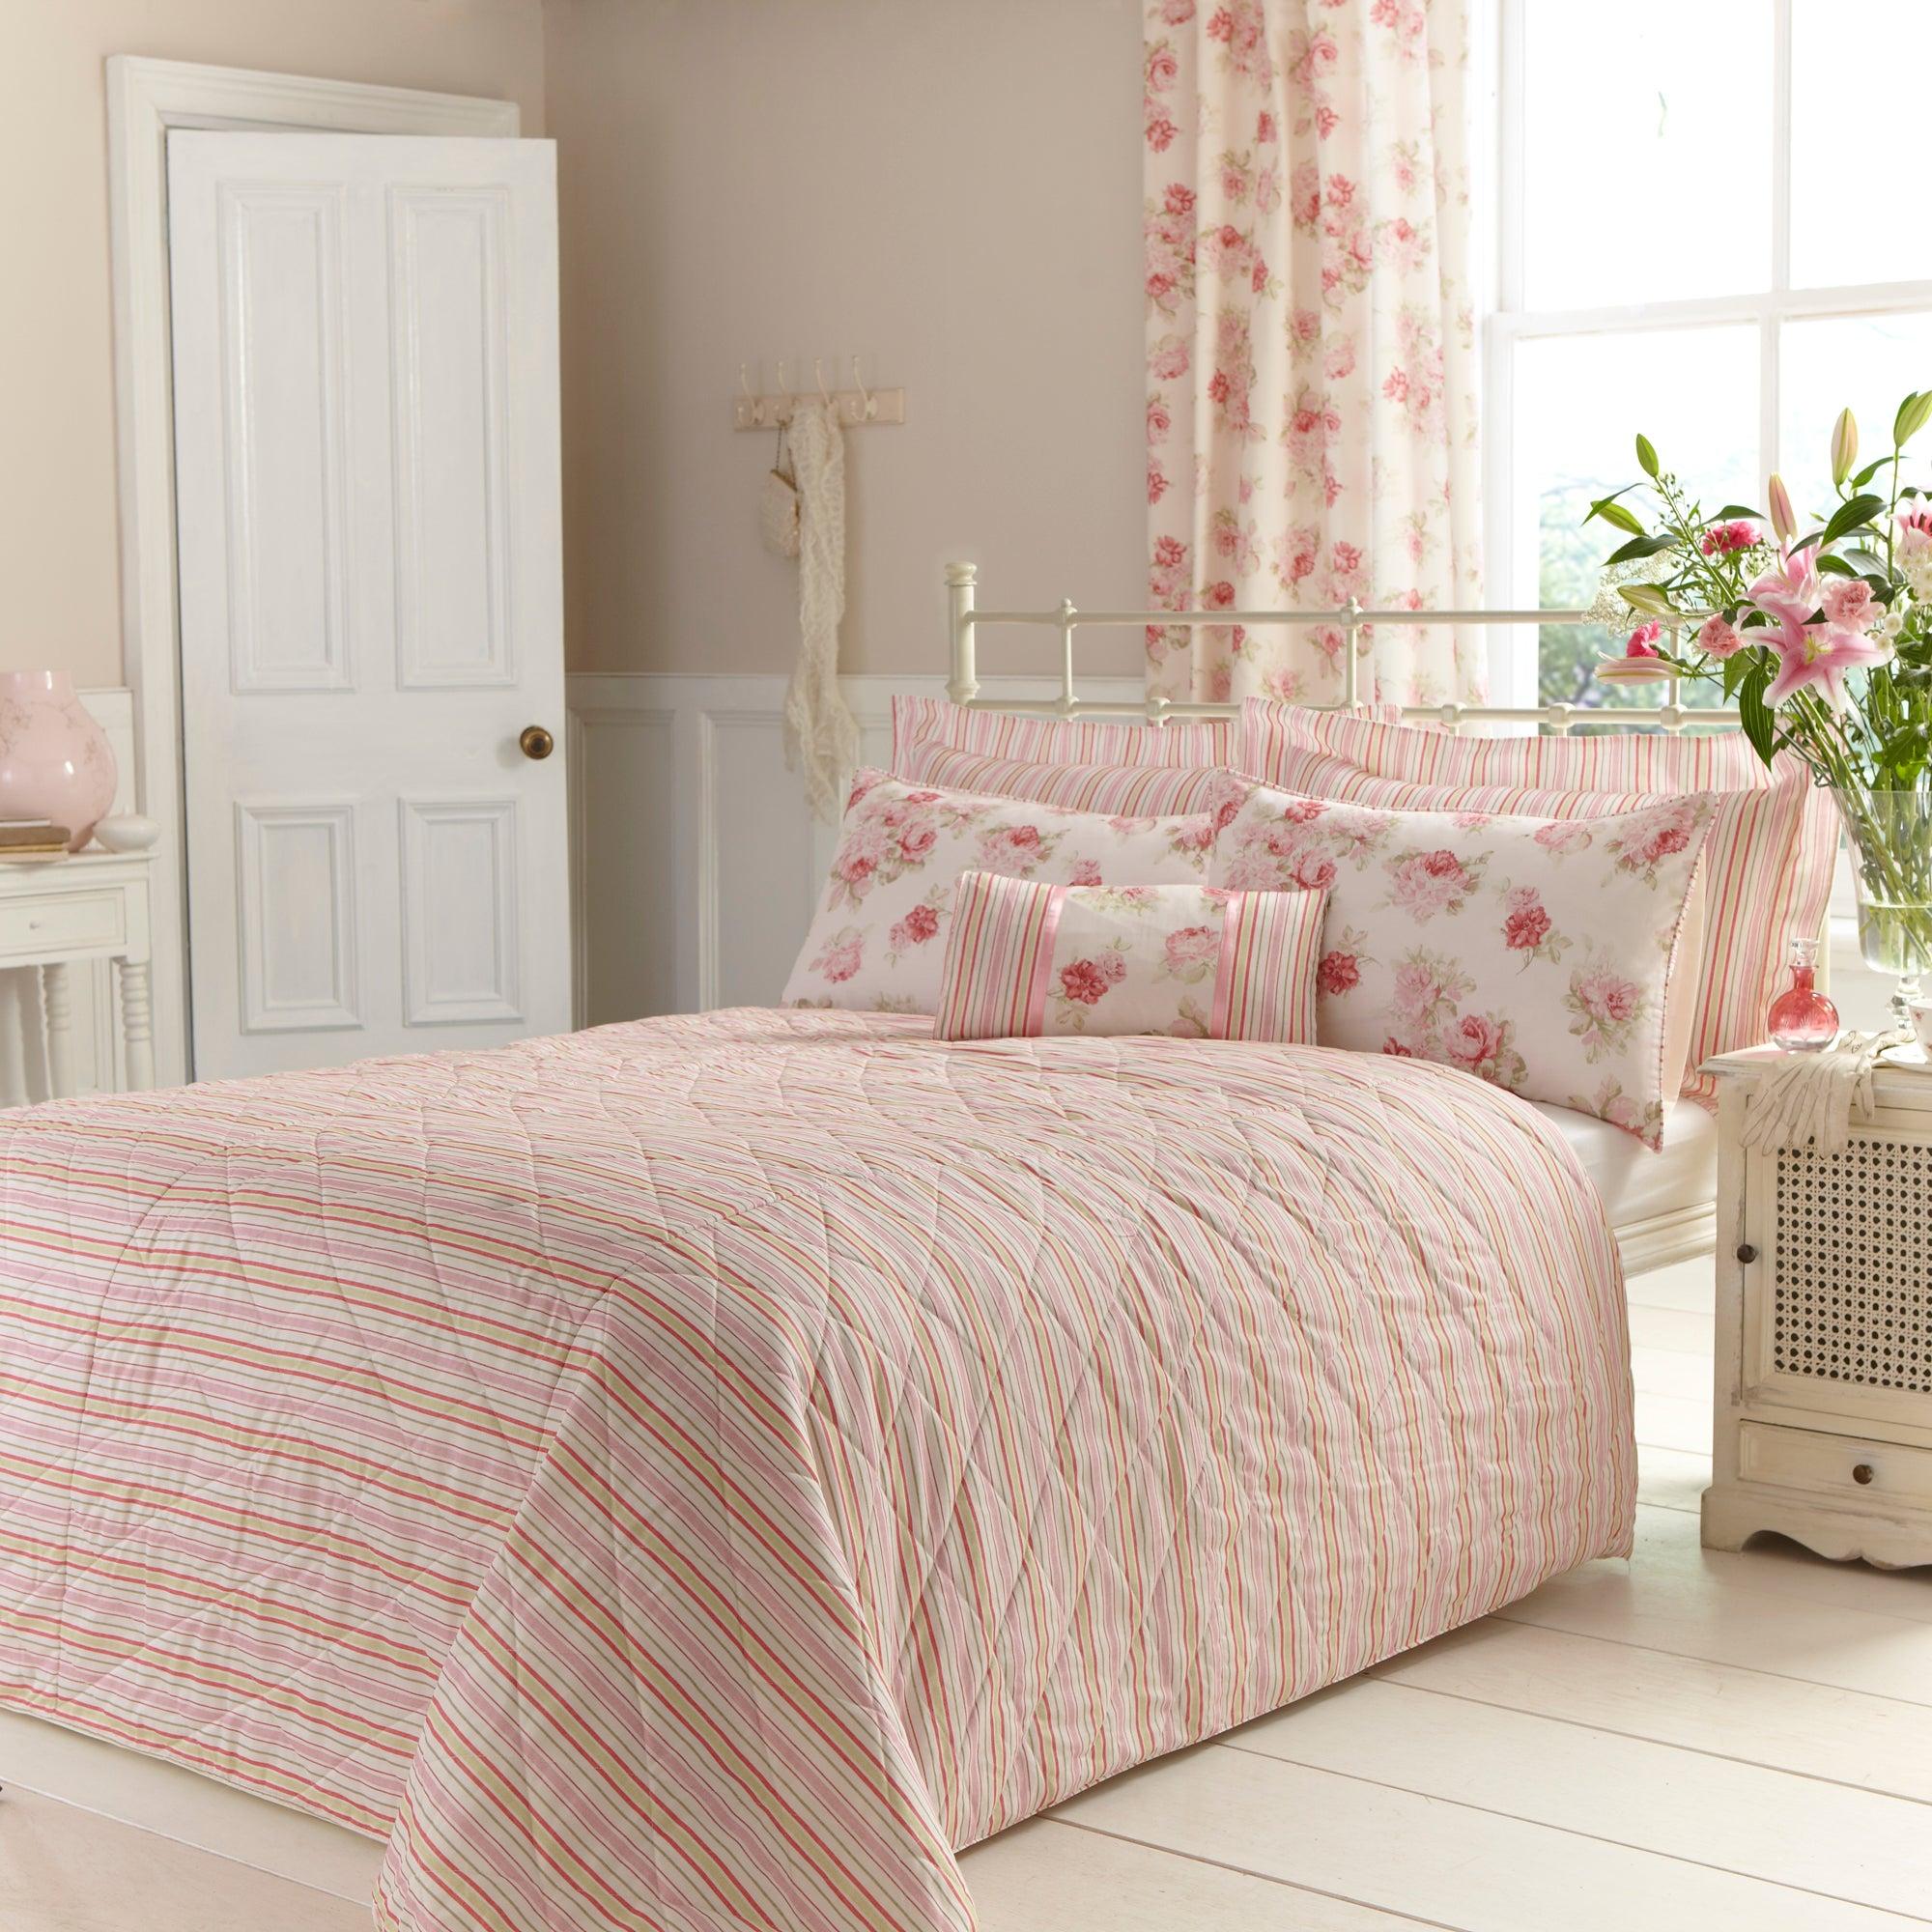 Annabella Pink Bedspread Pink